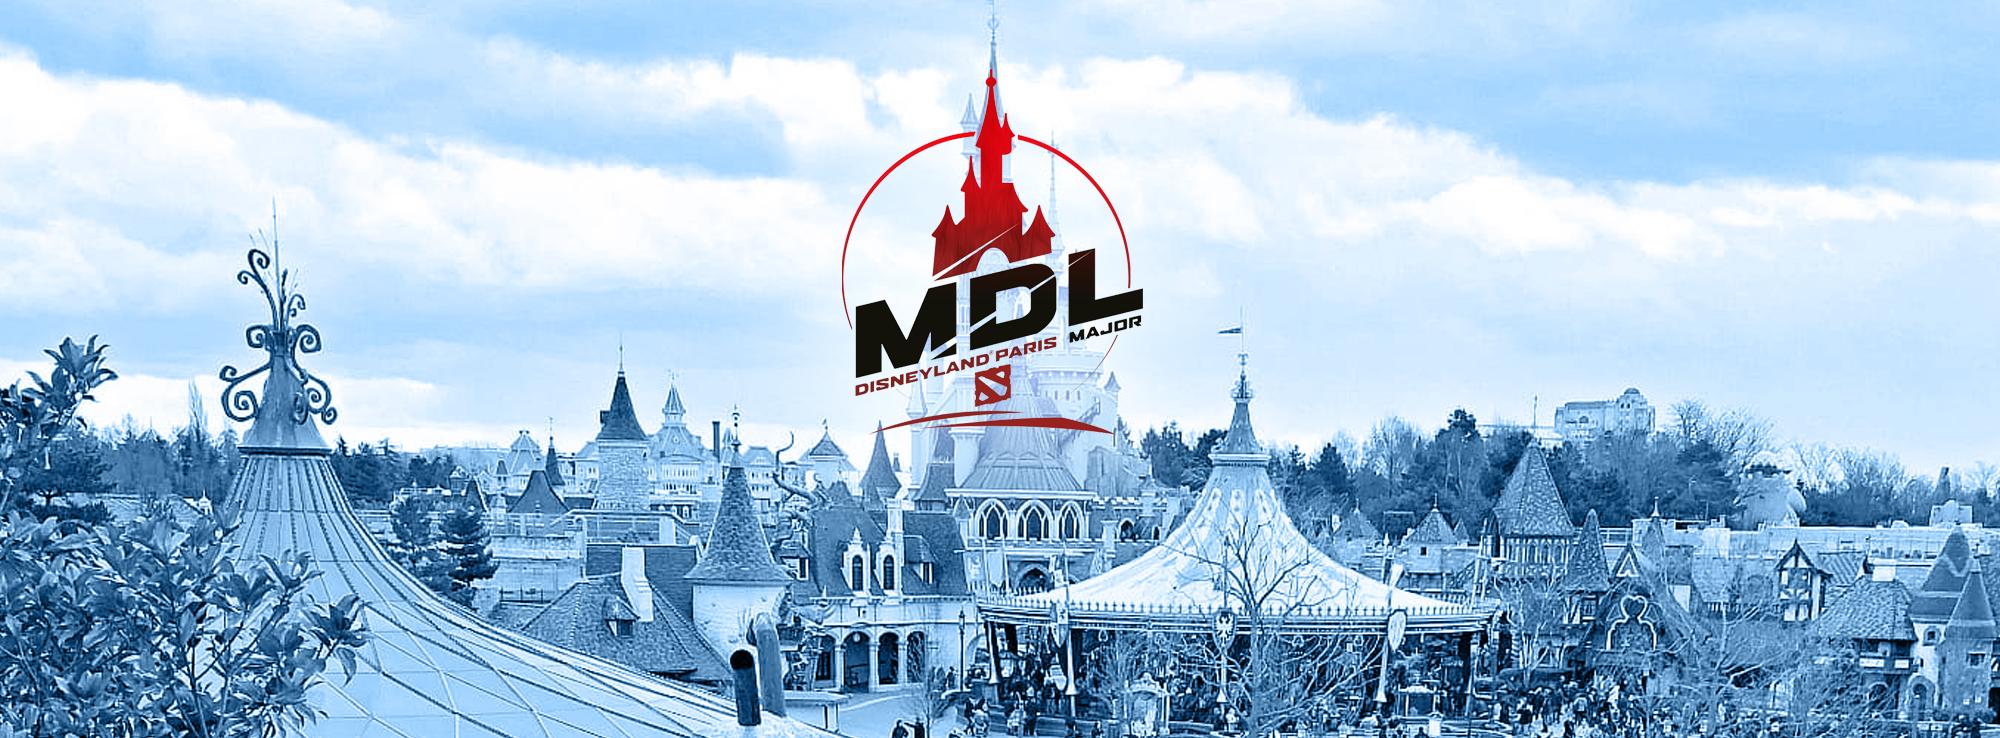 11 - [DOTA2] Kết thúc giành cho beastcoast và Team Empire tại giải MDL Disneyland Paris Major!